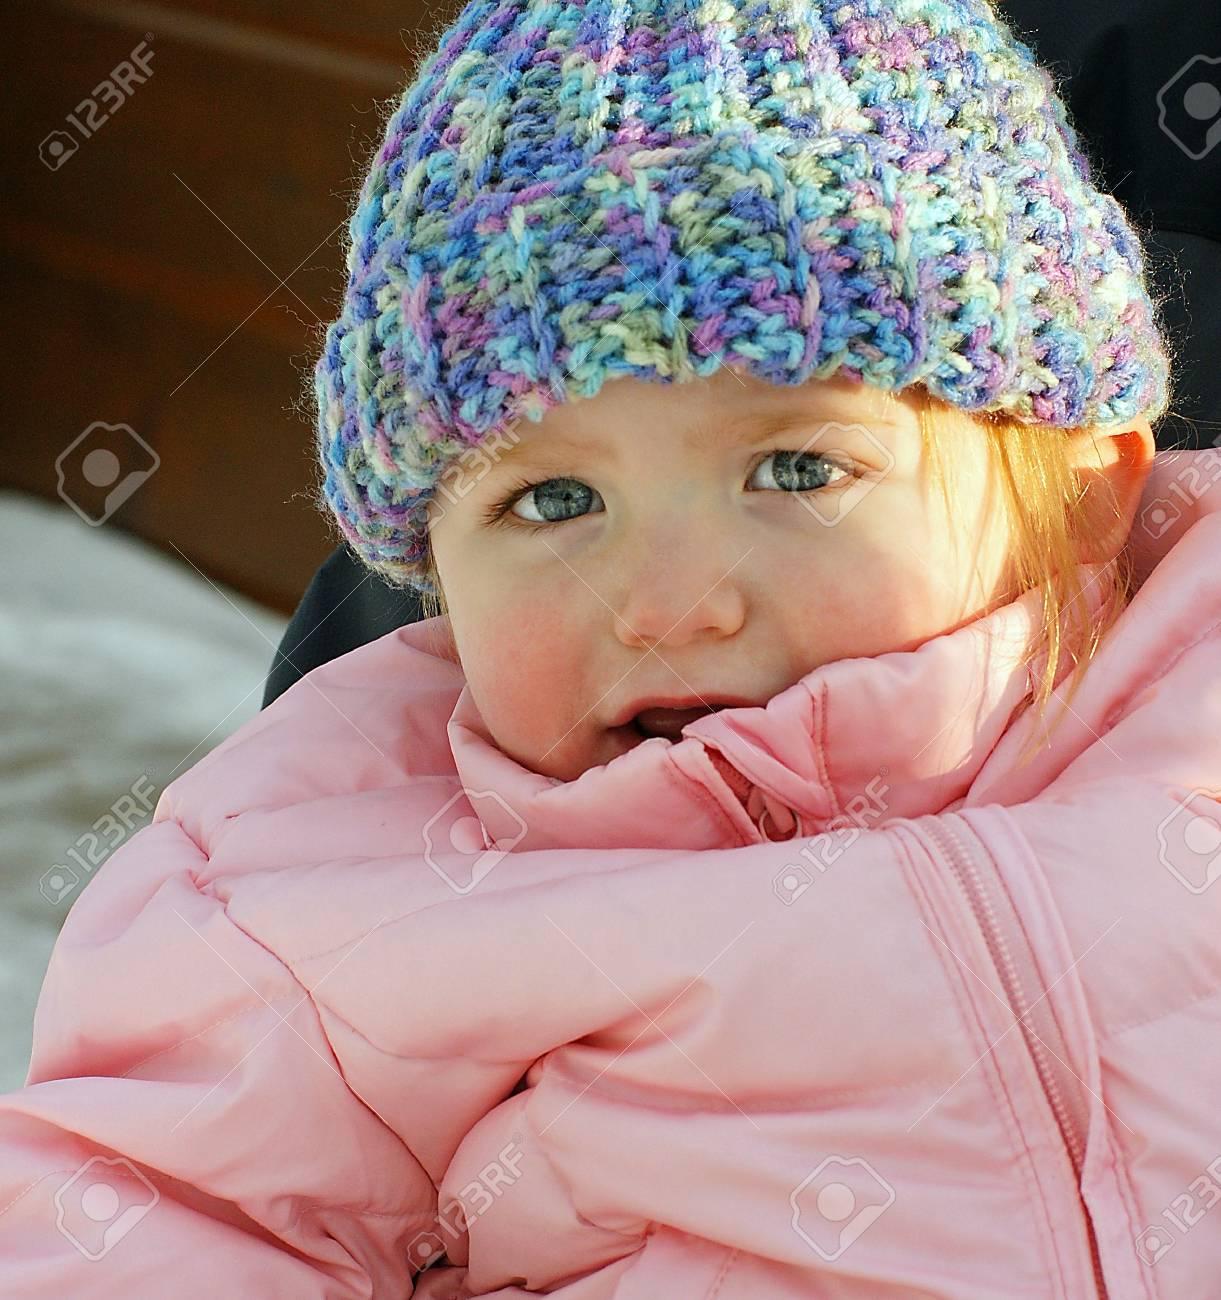 Little girl dressed for Winter - 4147468